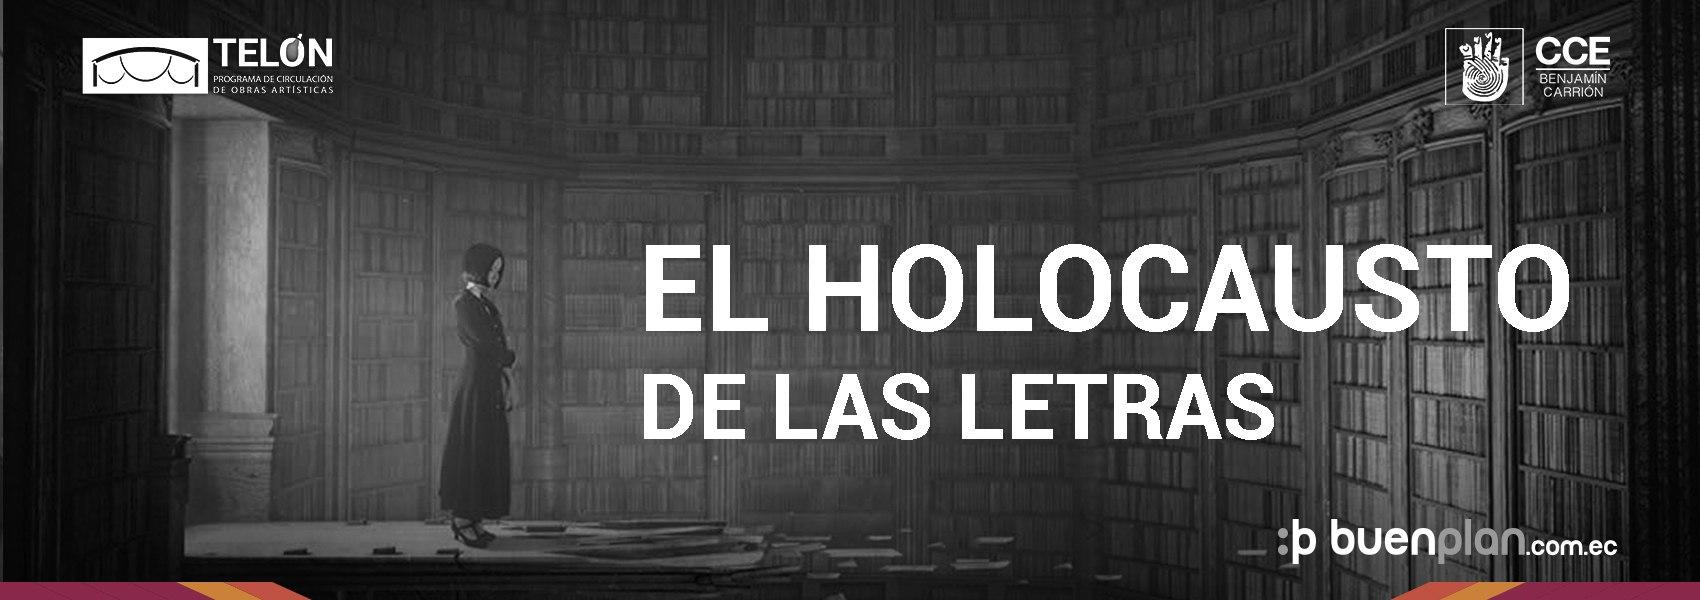 El Holocausto de las Letras - 26 de Junio en Quito, BuenPlan